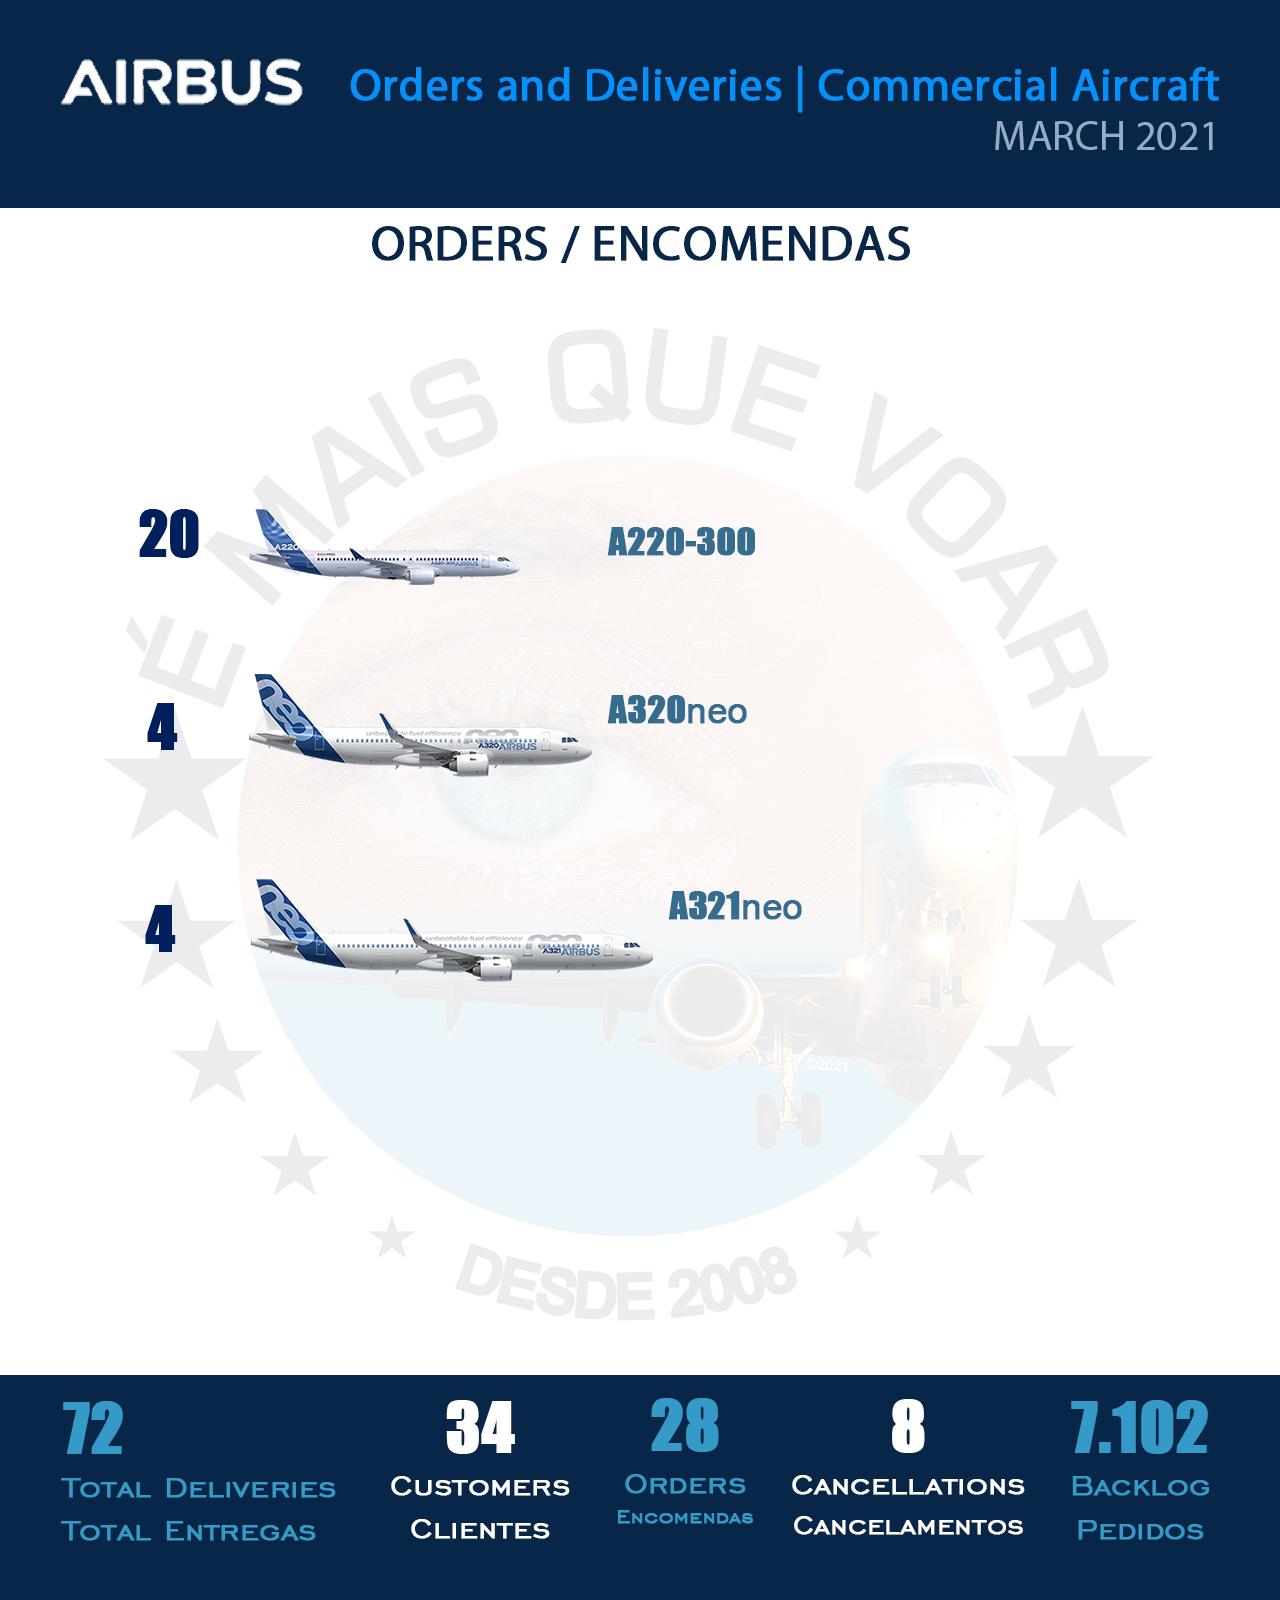 INFOGRÁFICO: Encomendas e Entregas Aeronaves Comerciais da Airbus – Março 2021   É MAIS QUE VOAR